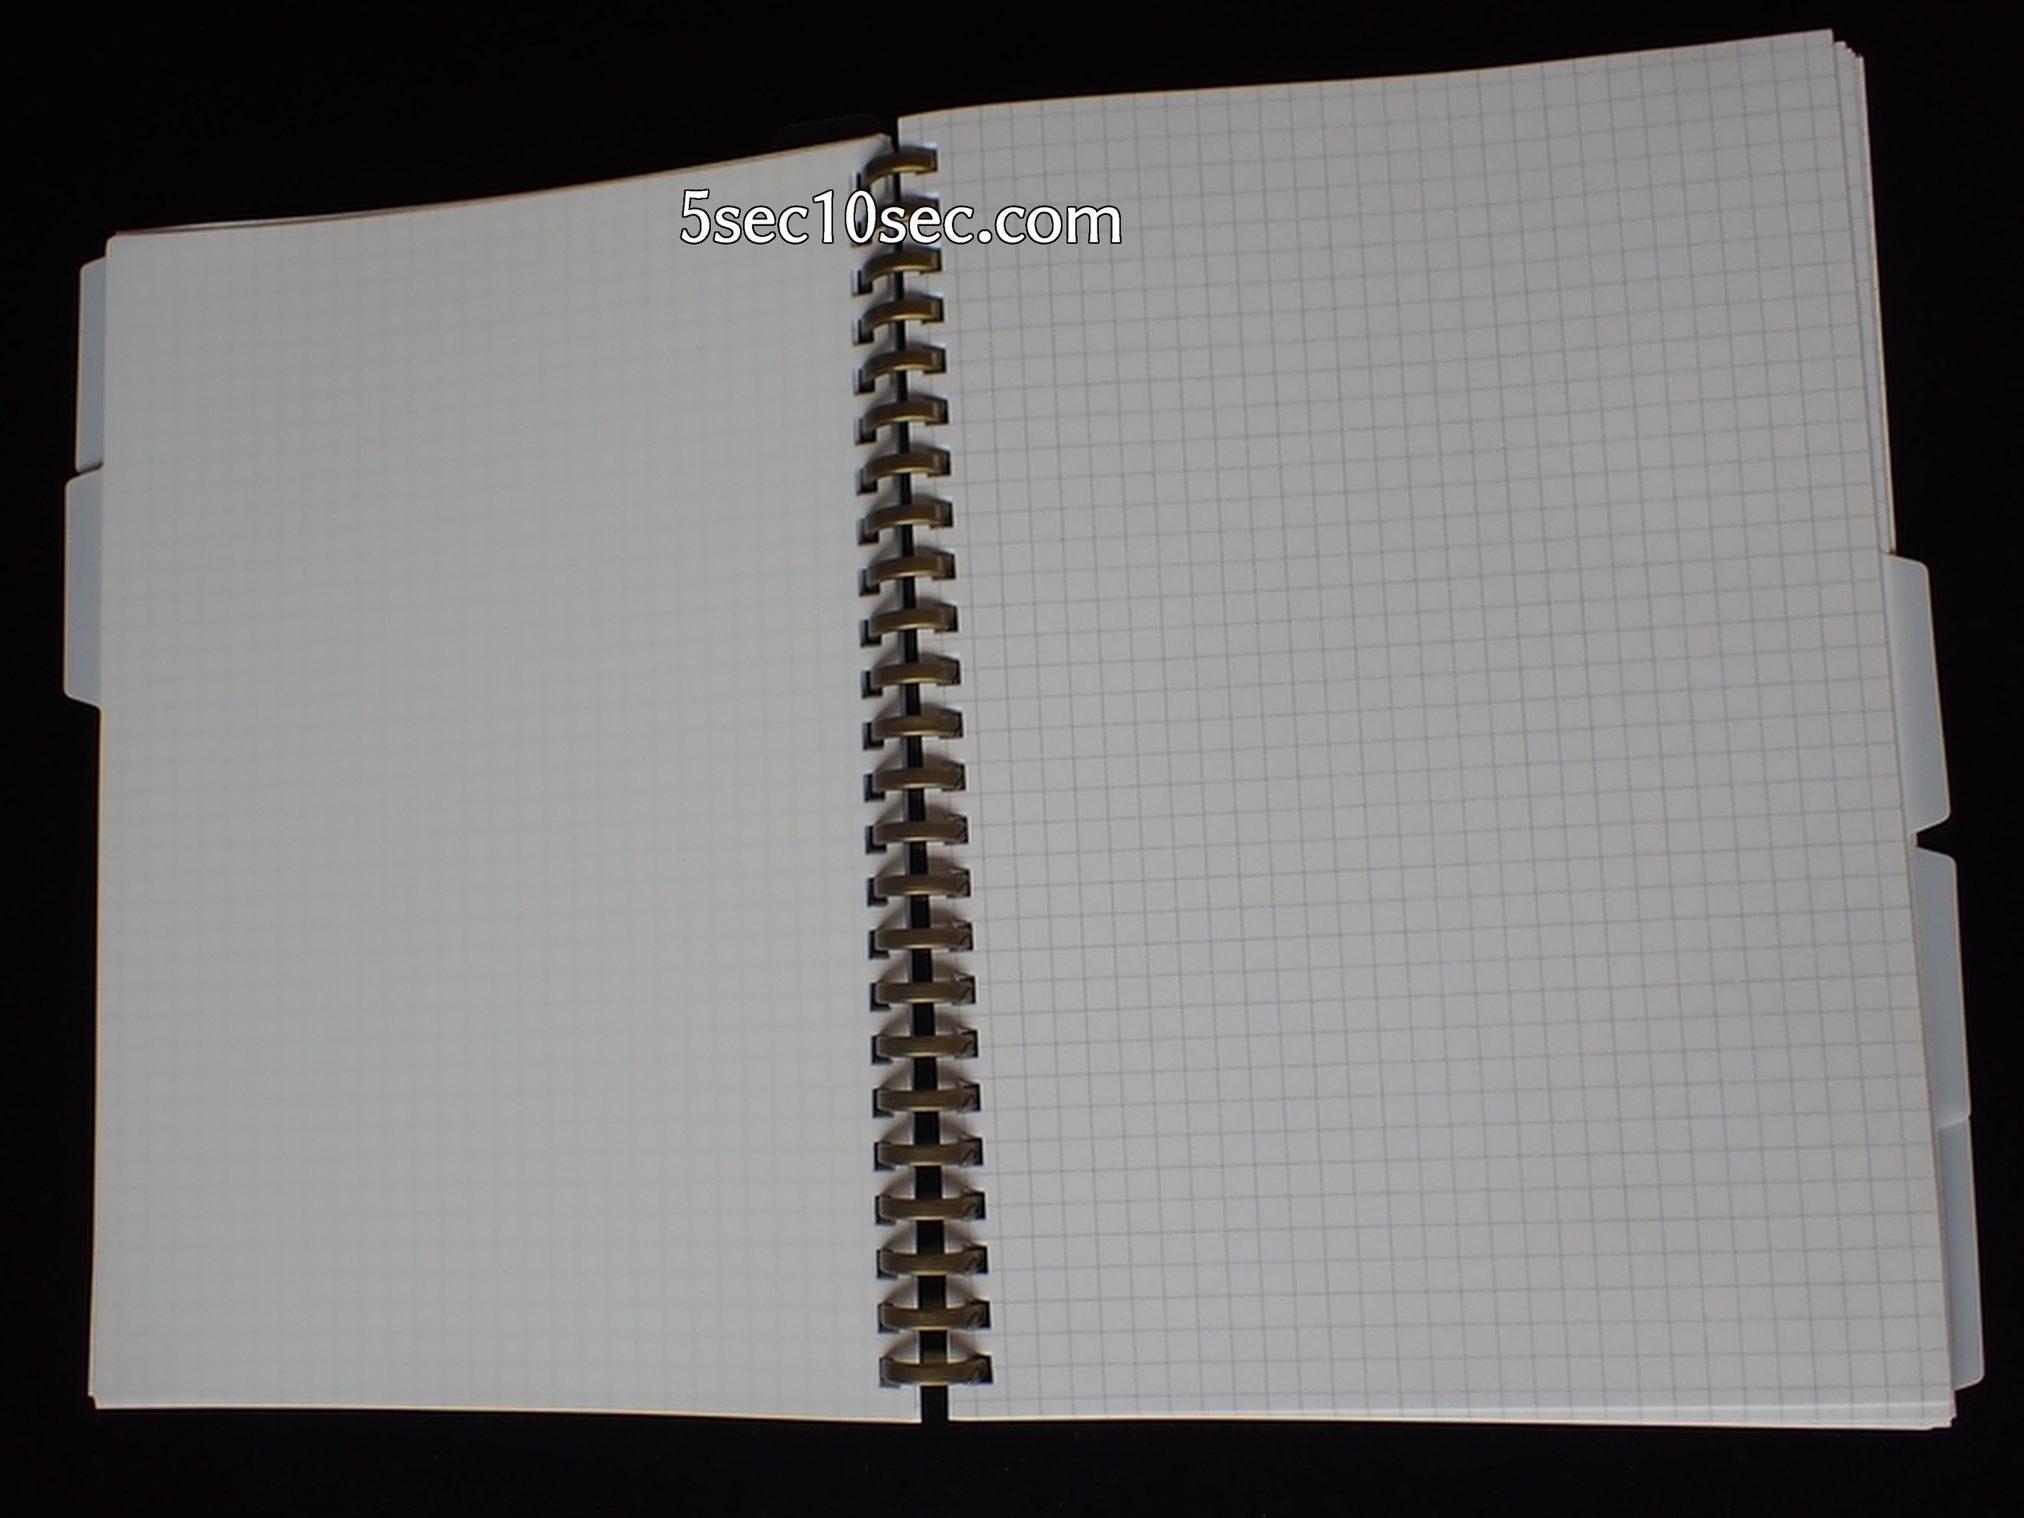 リヒトラブ ツイストノート 専用インデックス A5 24穴 N-1637 このようにノートのページの見出しに便利です